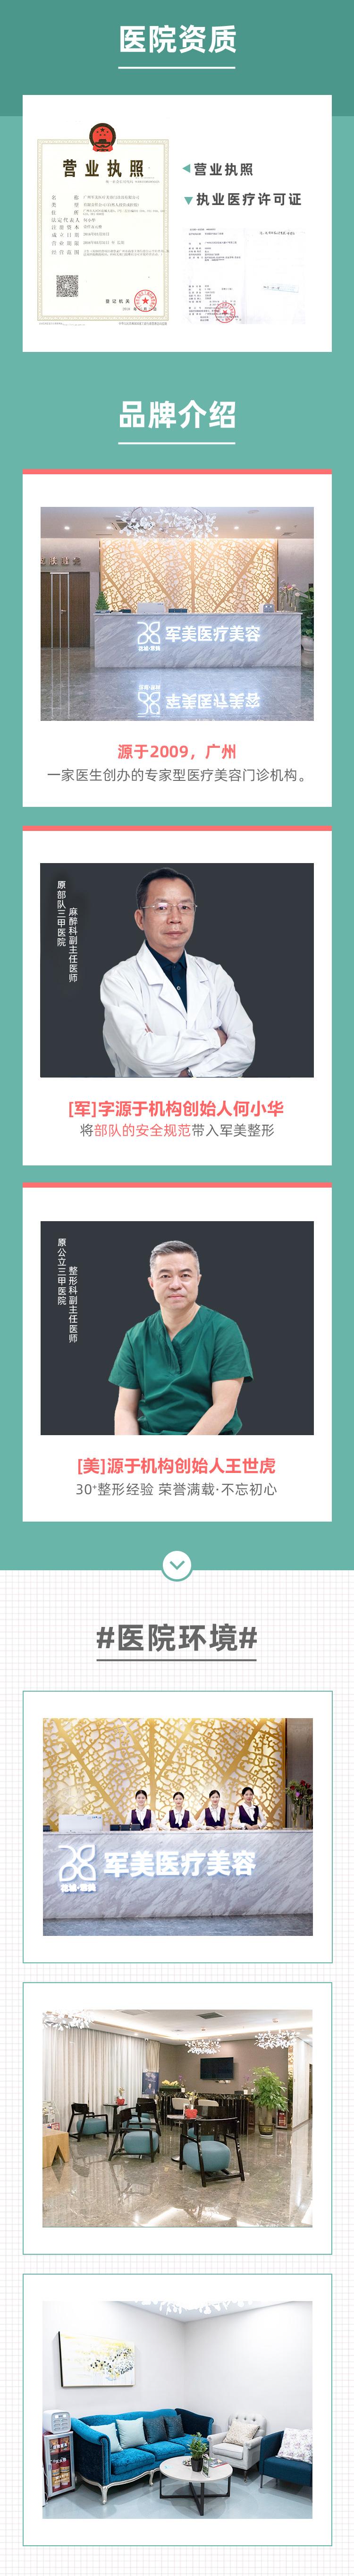 王世虎医生团队